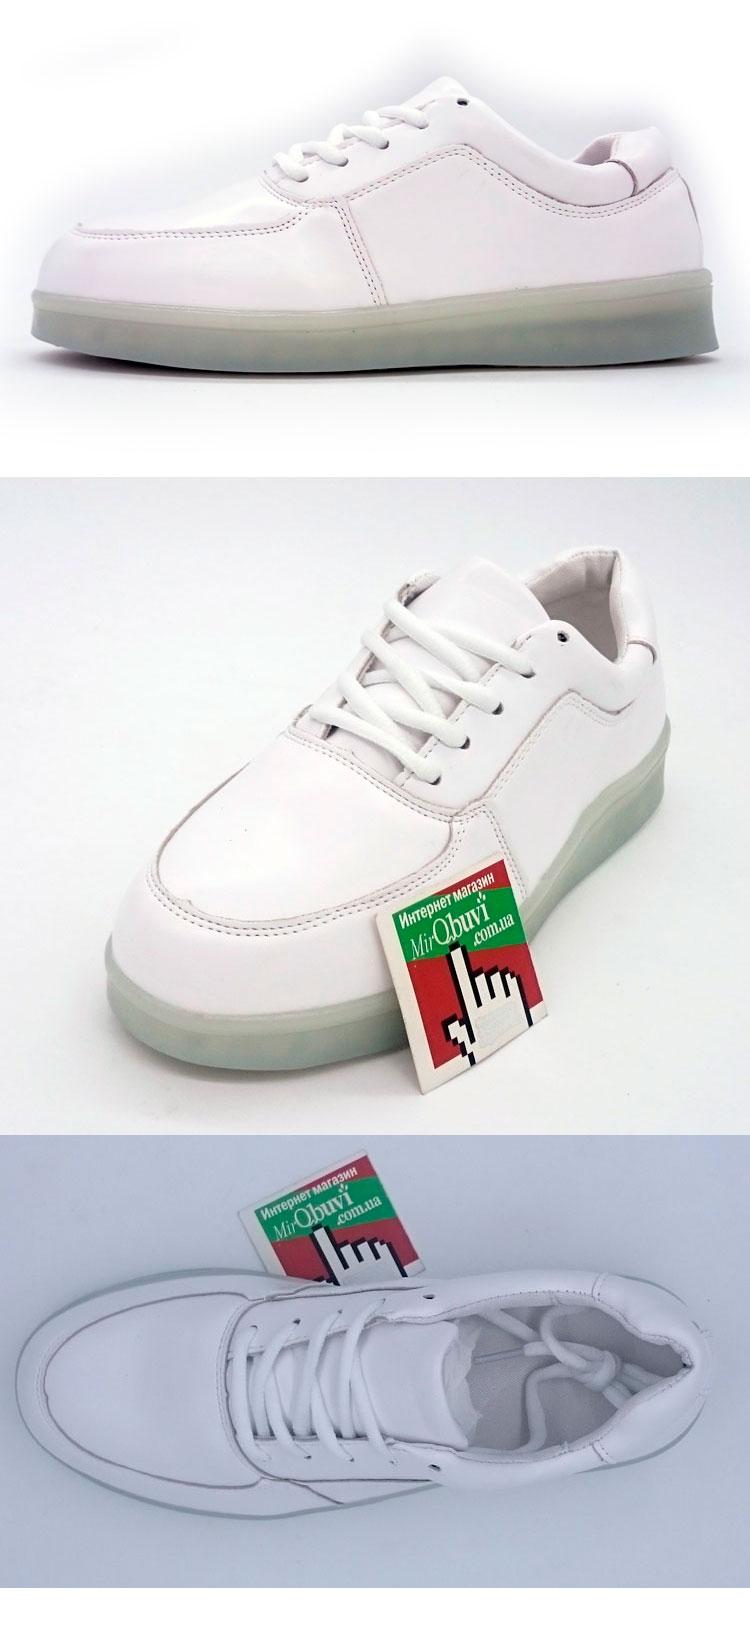 большое фото №6 Светящиеся кроссовки Led низкие белые